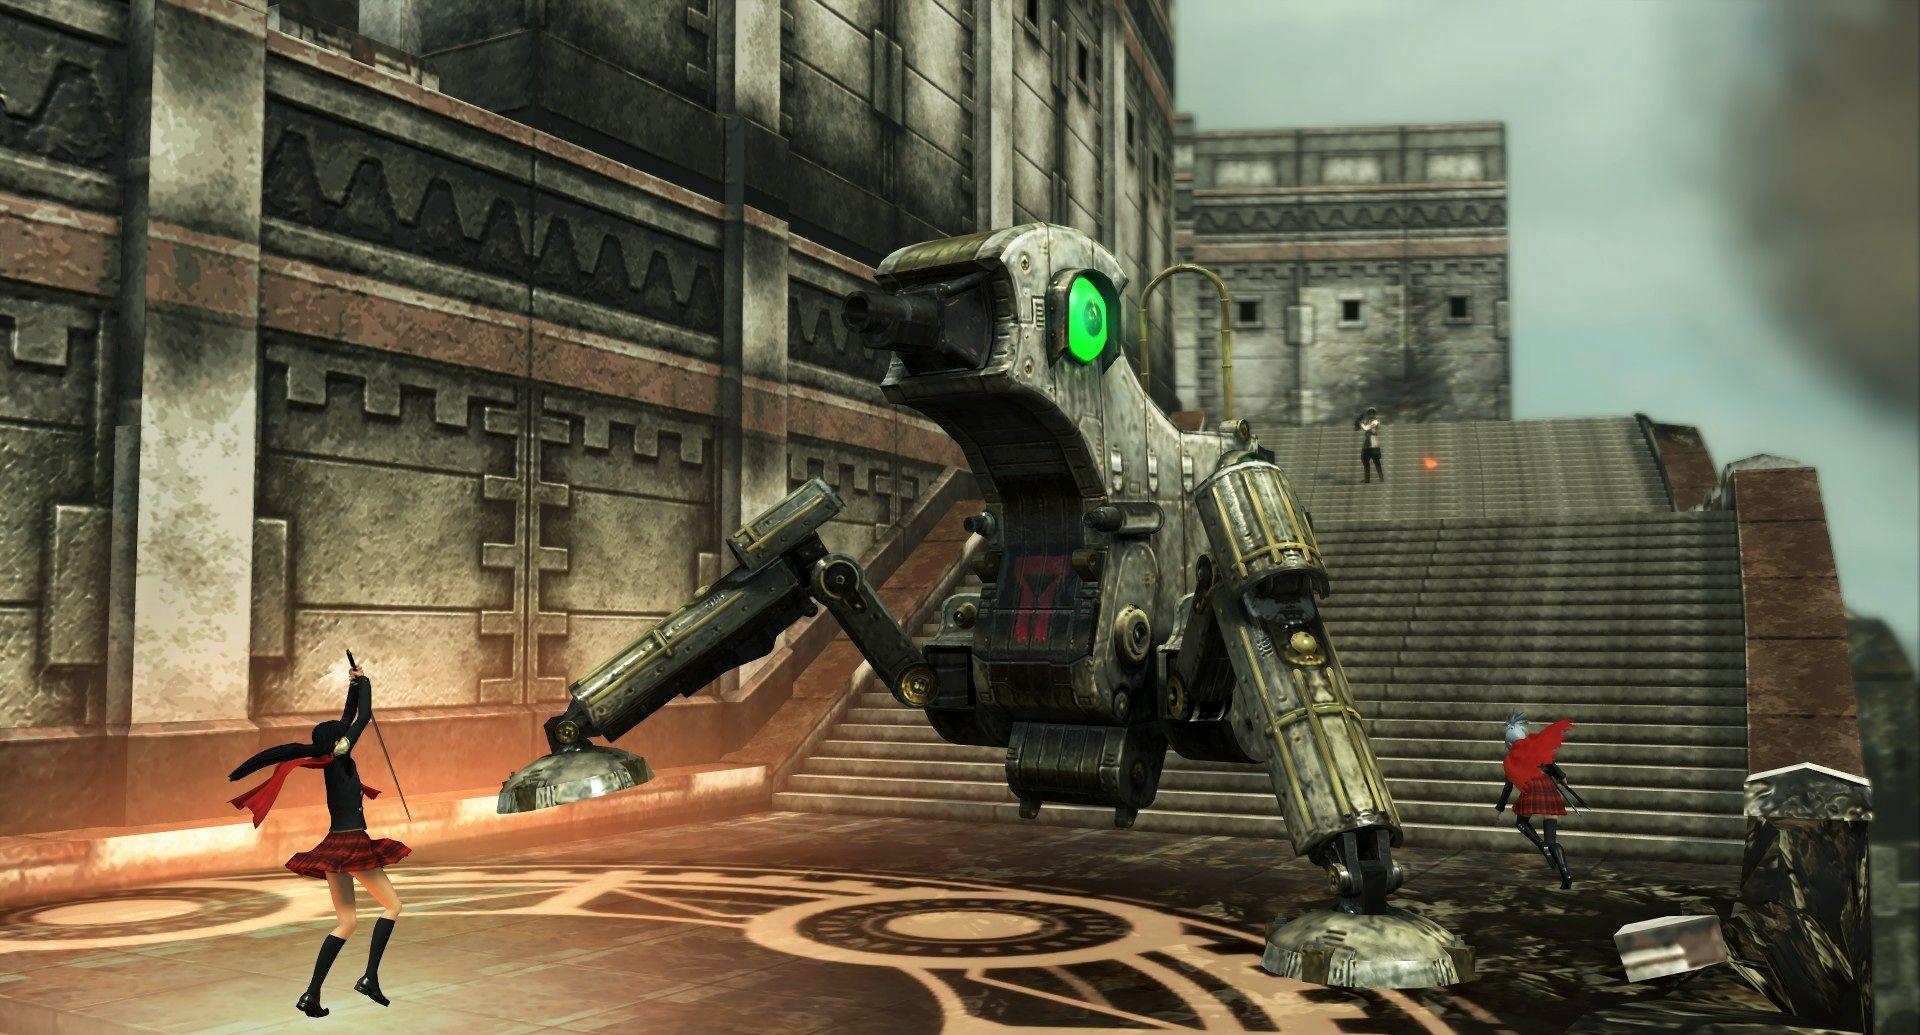 最终幻想:零式HD截图2